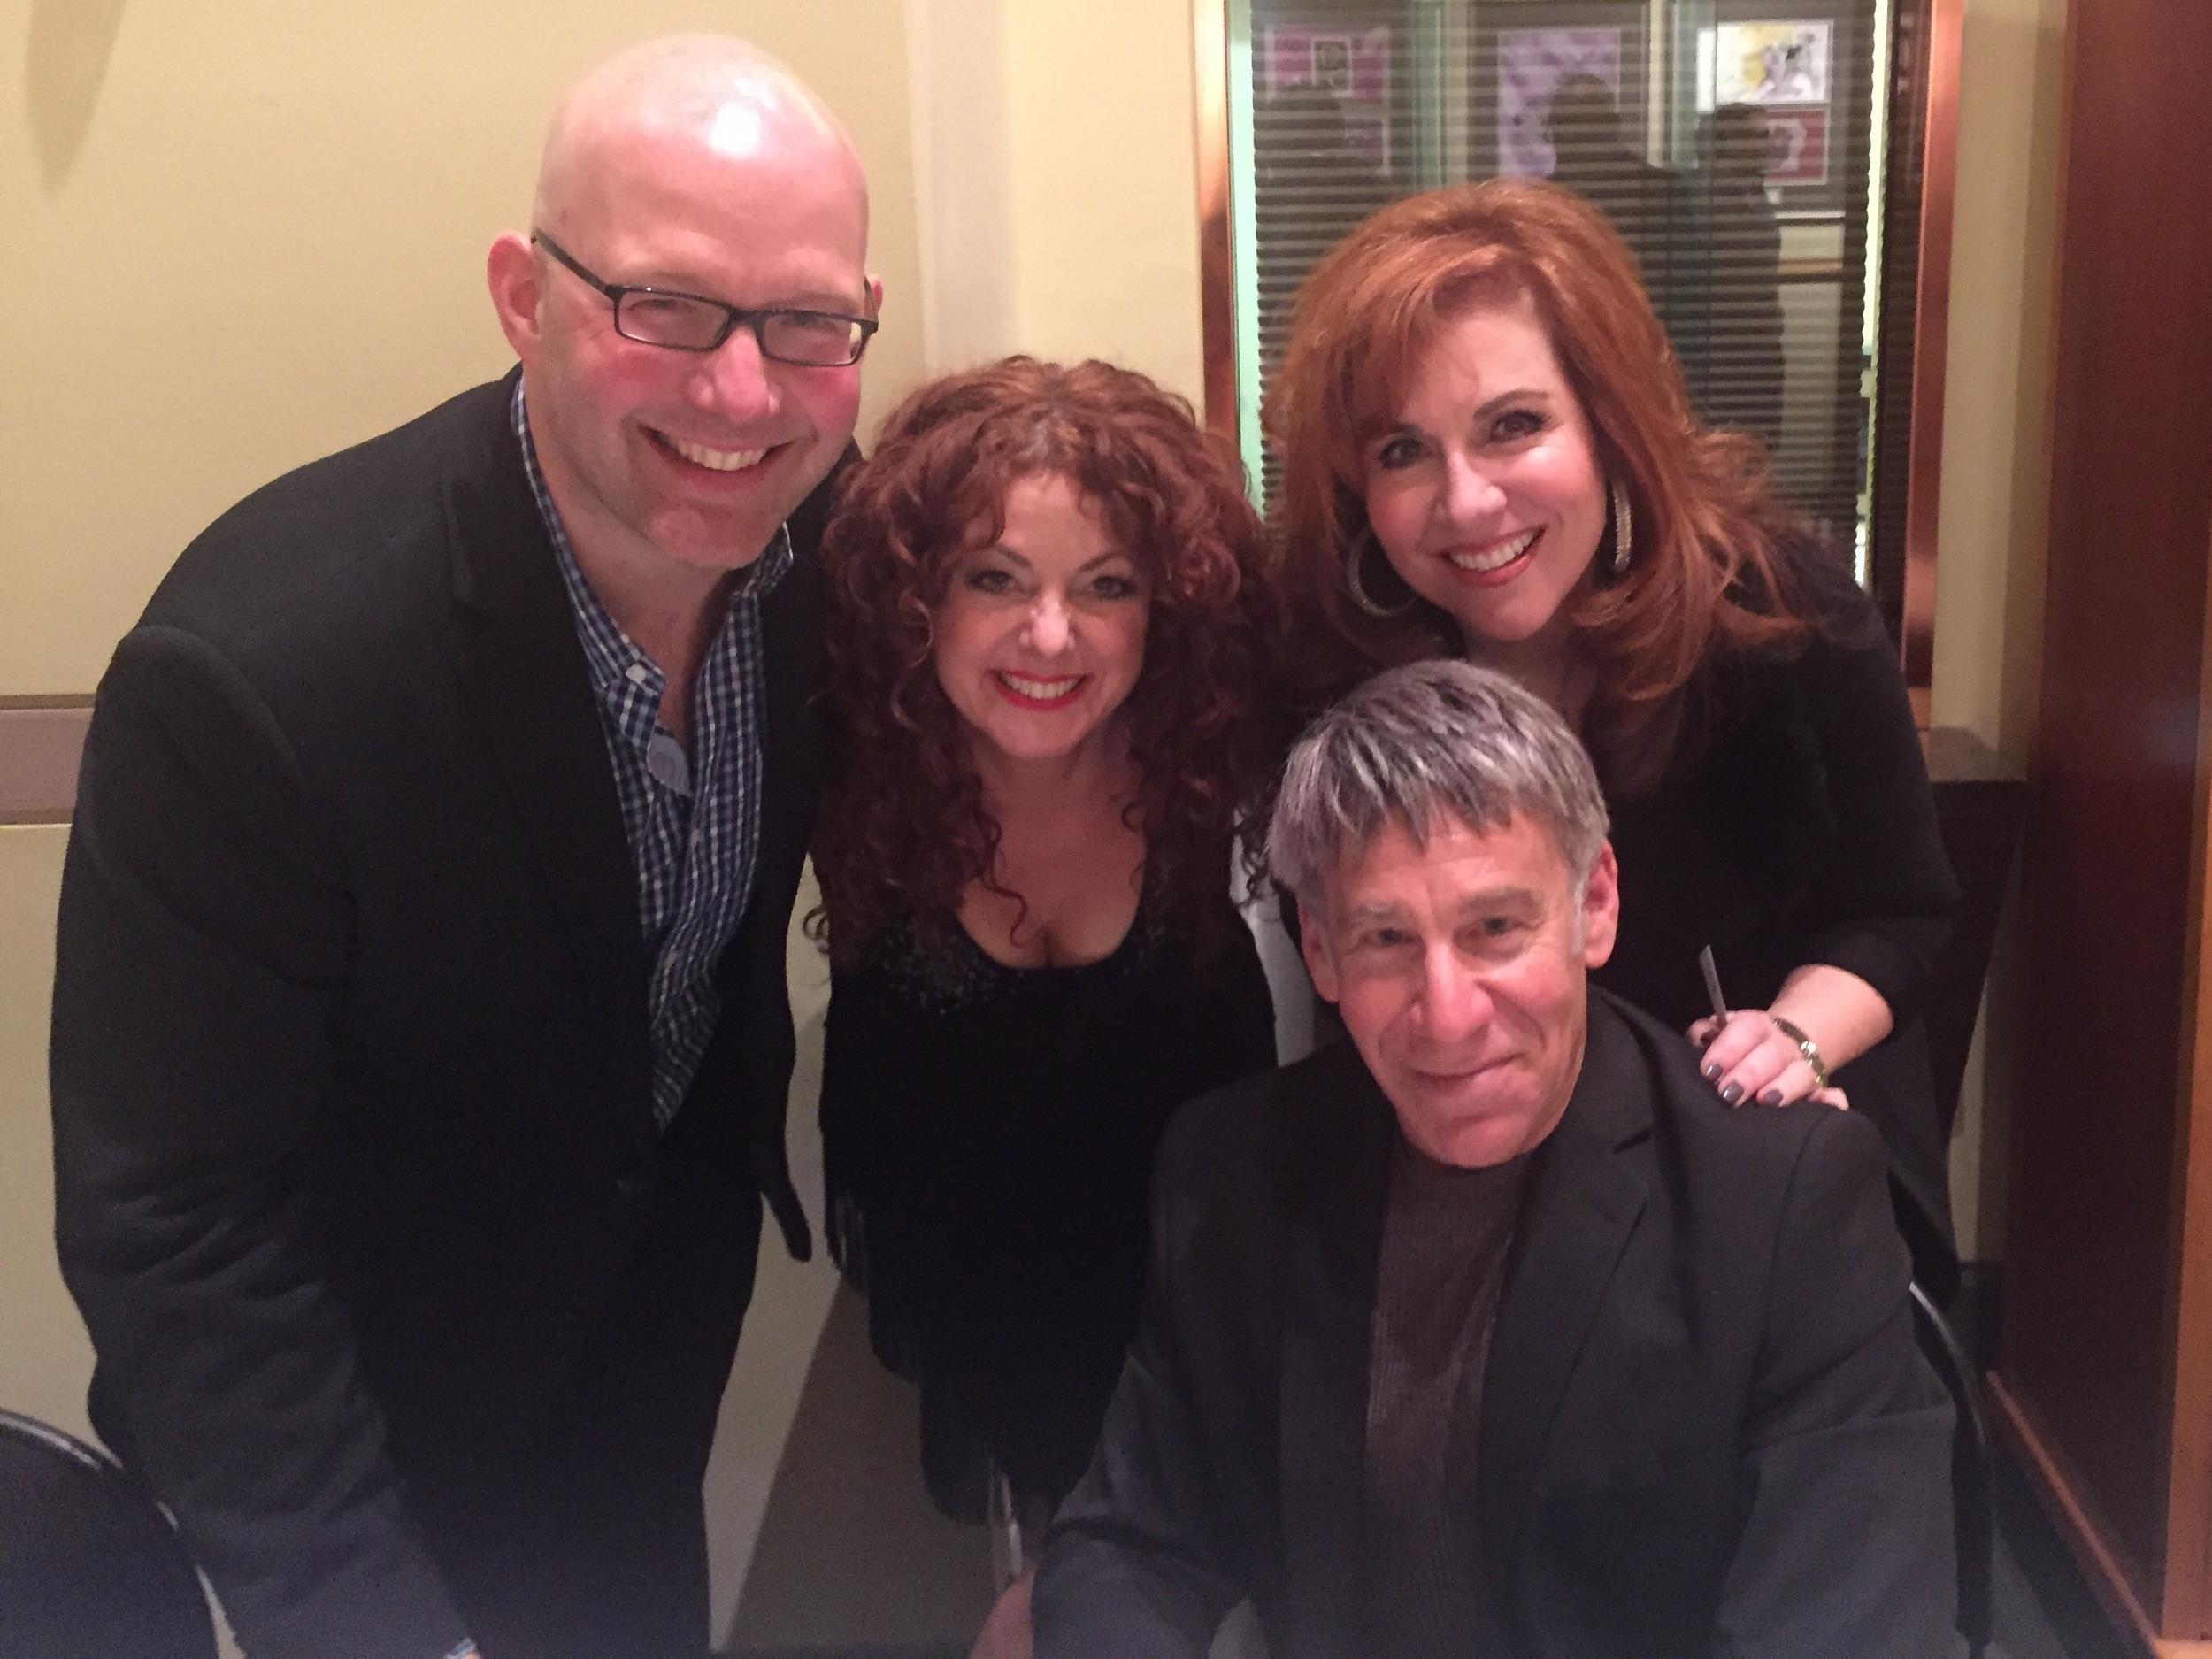 Stephen Schwartz and Friends